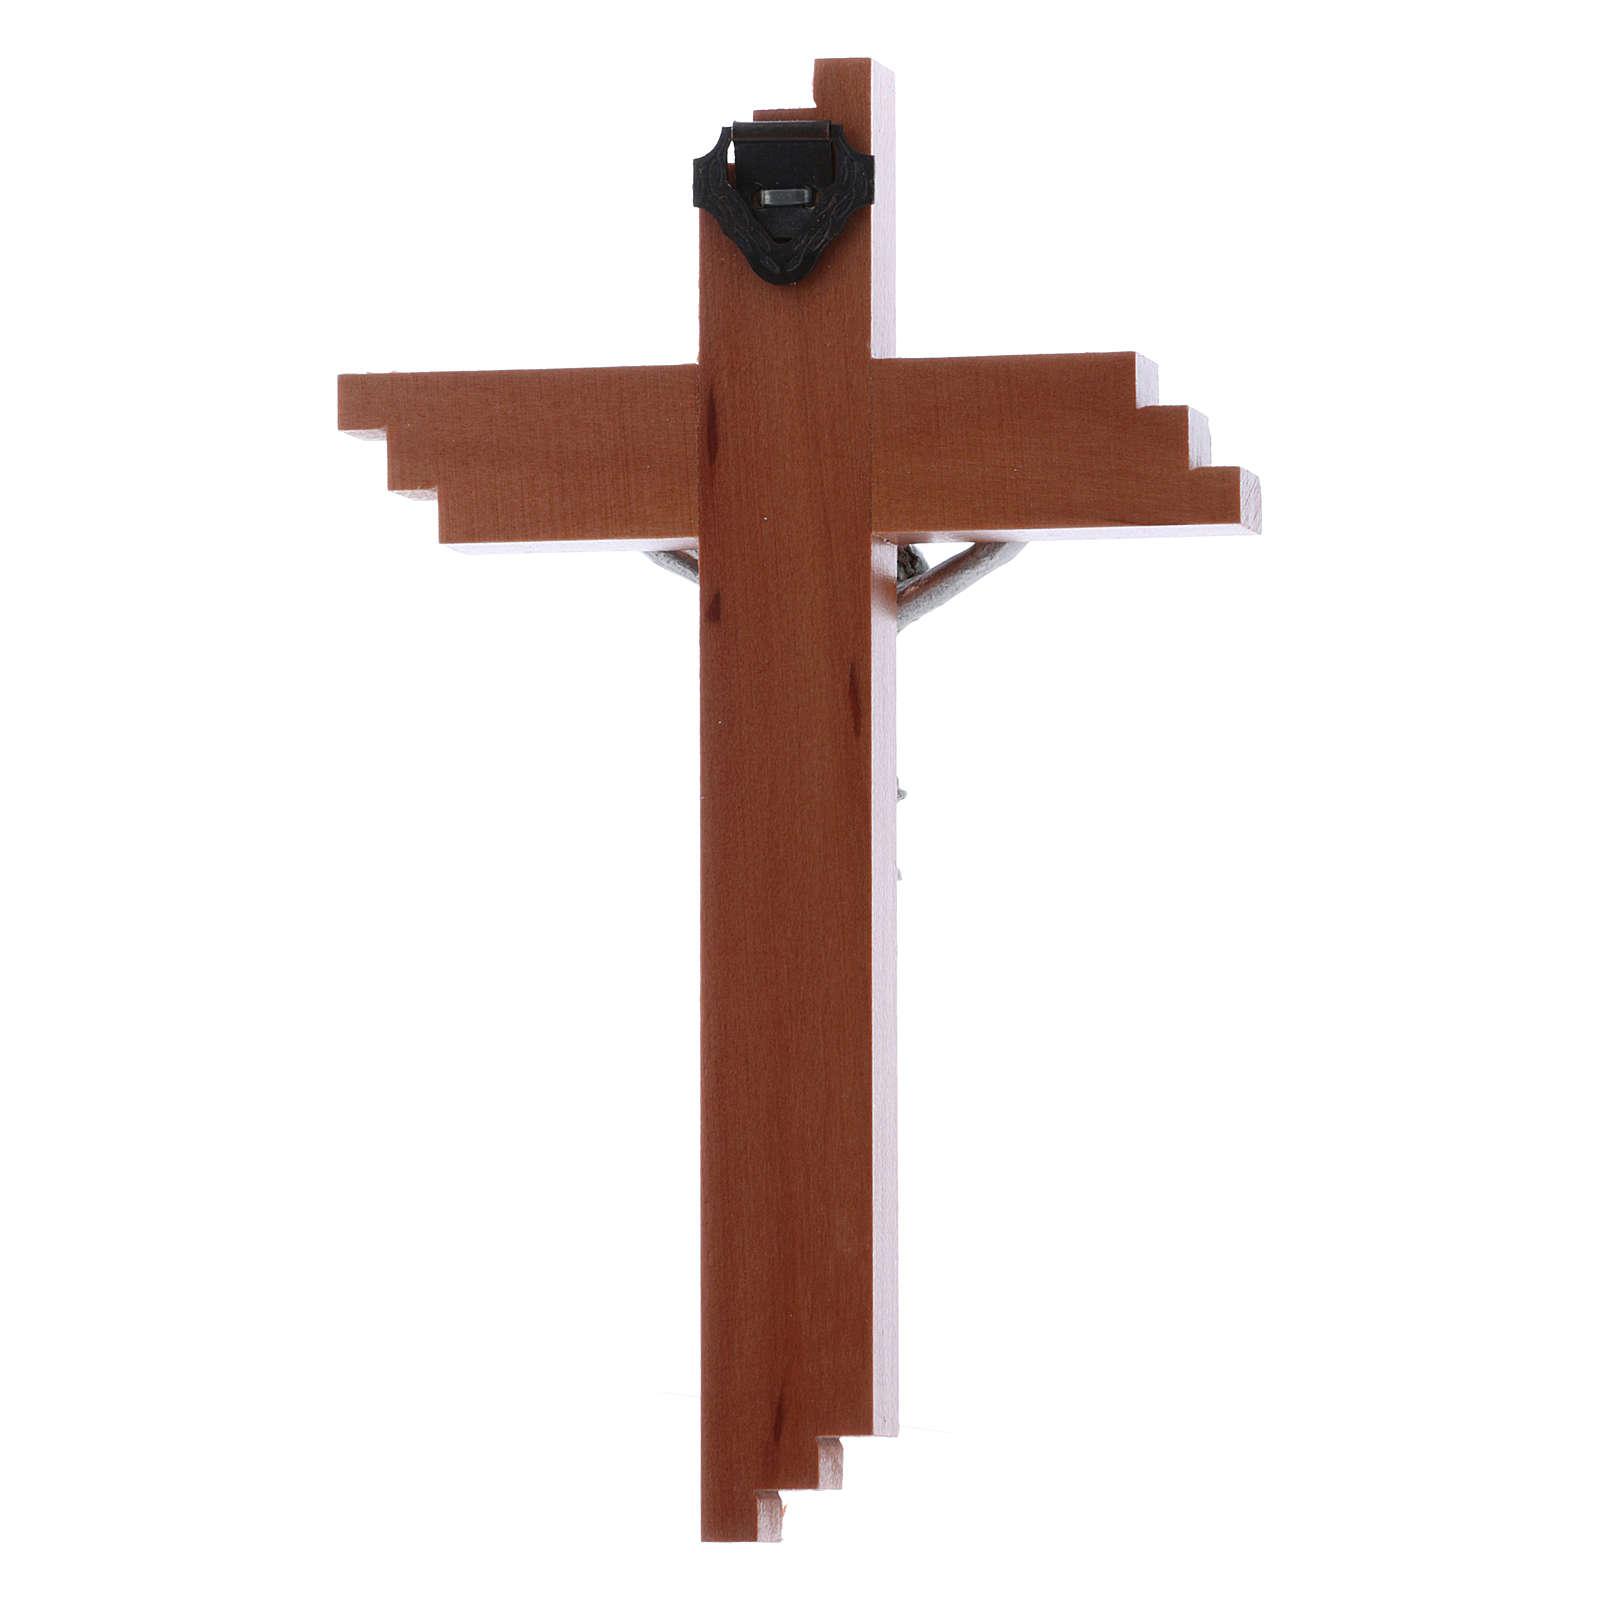 Crocifisso moderno in legno di pero seghettato 12 cm con corpo metallico 4